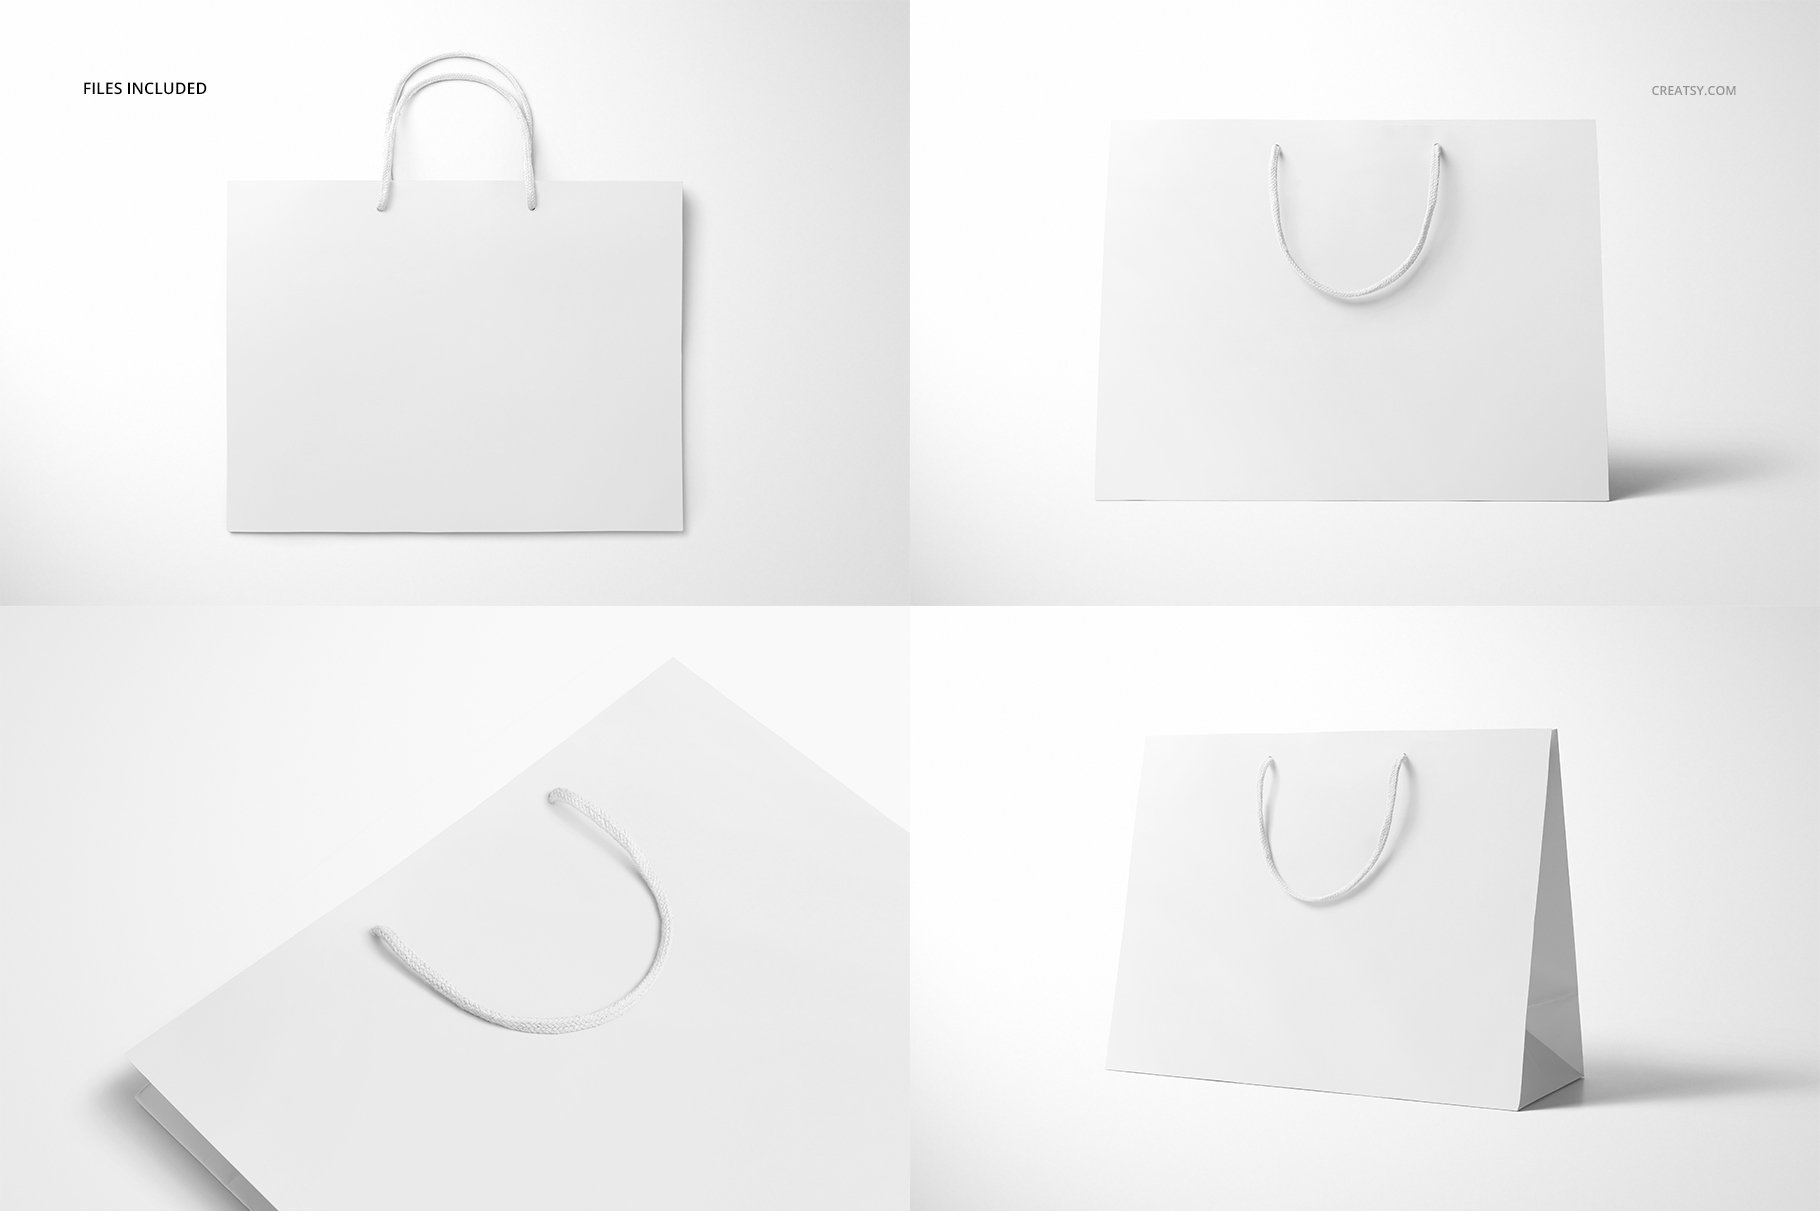 极简购物手提纸袋设计展示贴图样机PS设计素材 Eurotote Bag Mockup Set 1插图(4)